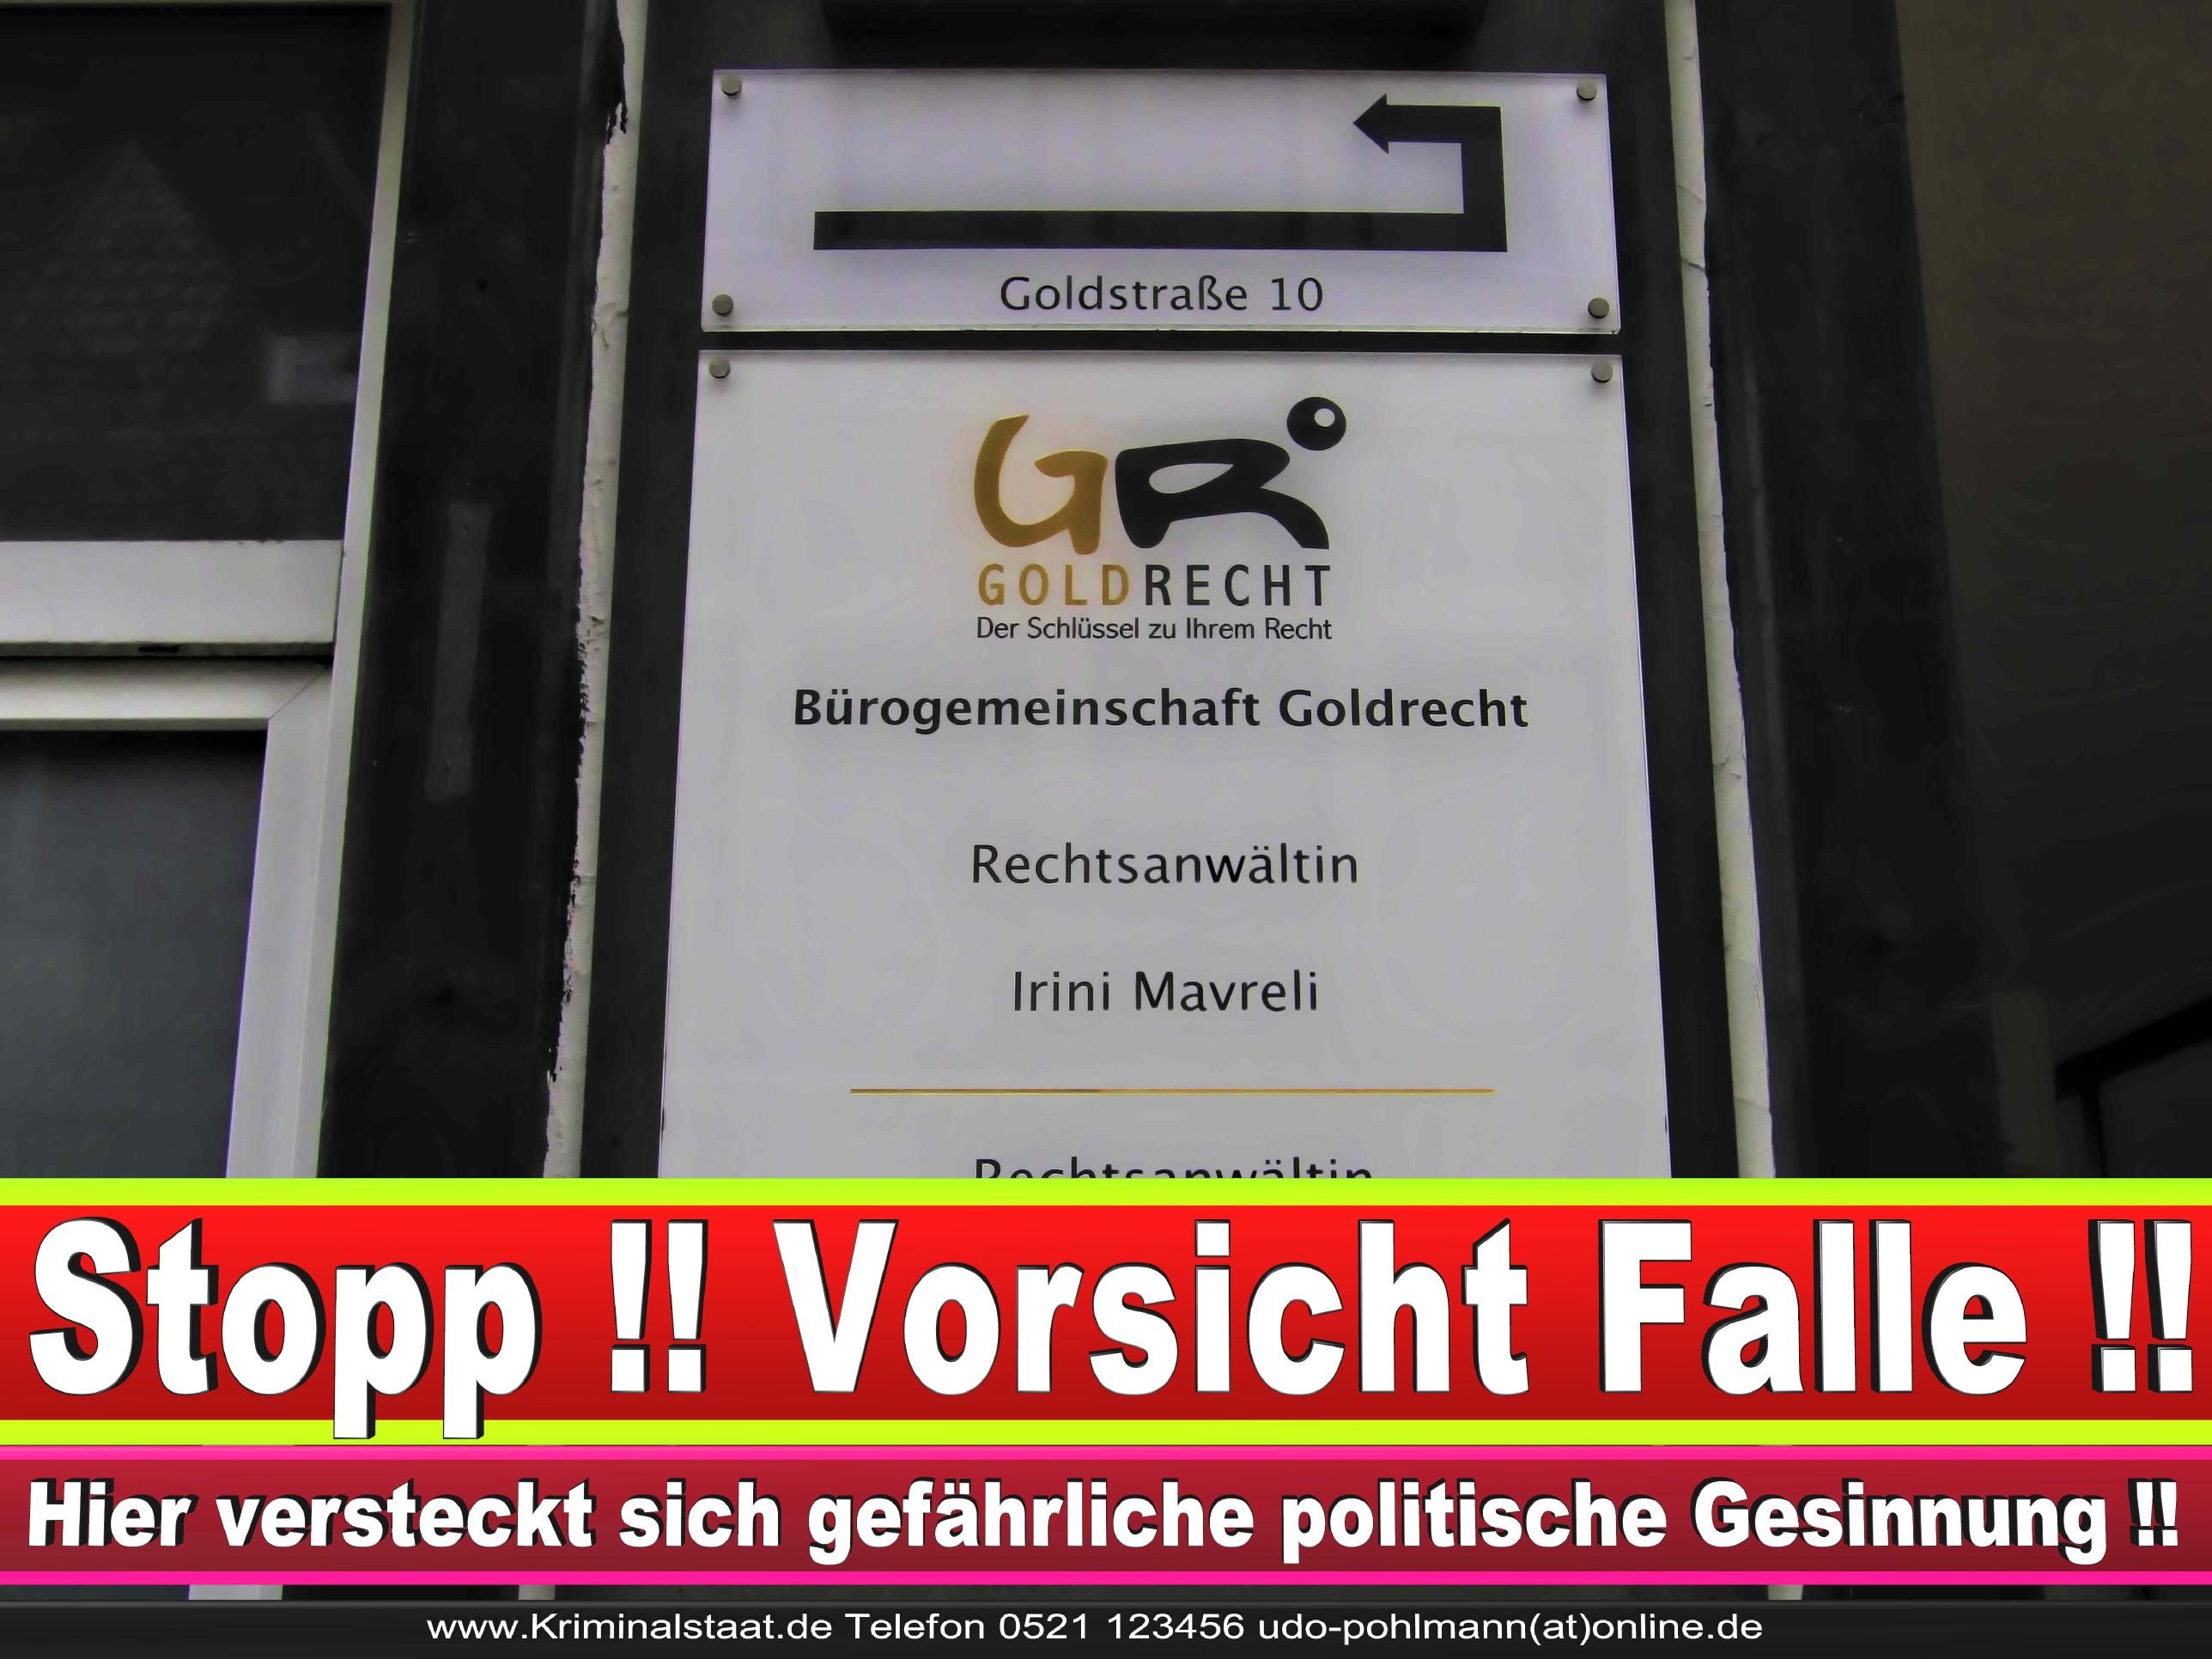 Rechtsanwältin Martina Füchtenhans Bielefeld CDU Bielefeld Goldrecht 3